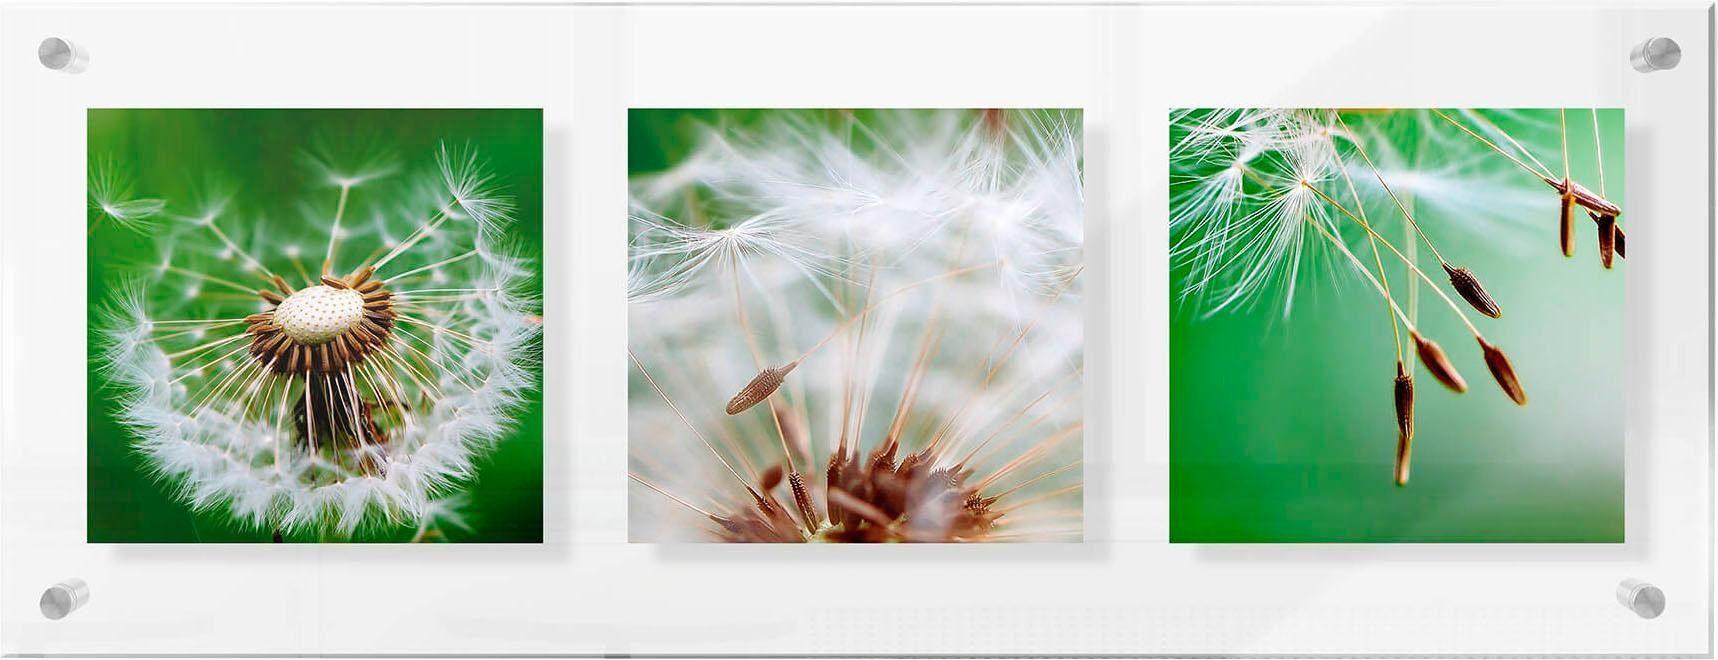 Premium collection by Home affaire Acrylglasbild »Fliegerschirmchen auf Reise«, 78/28 cm